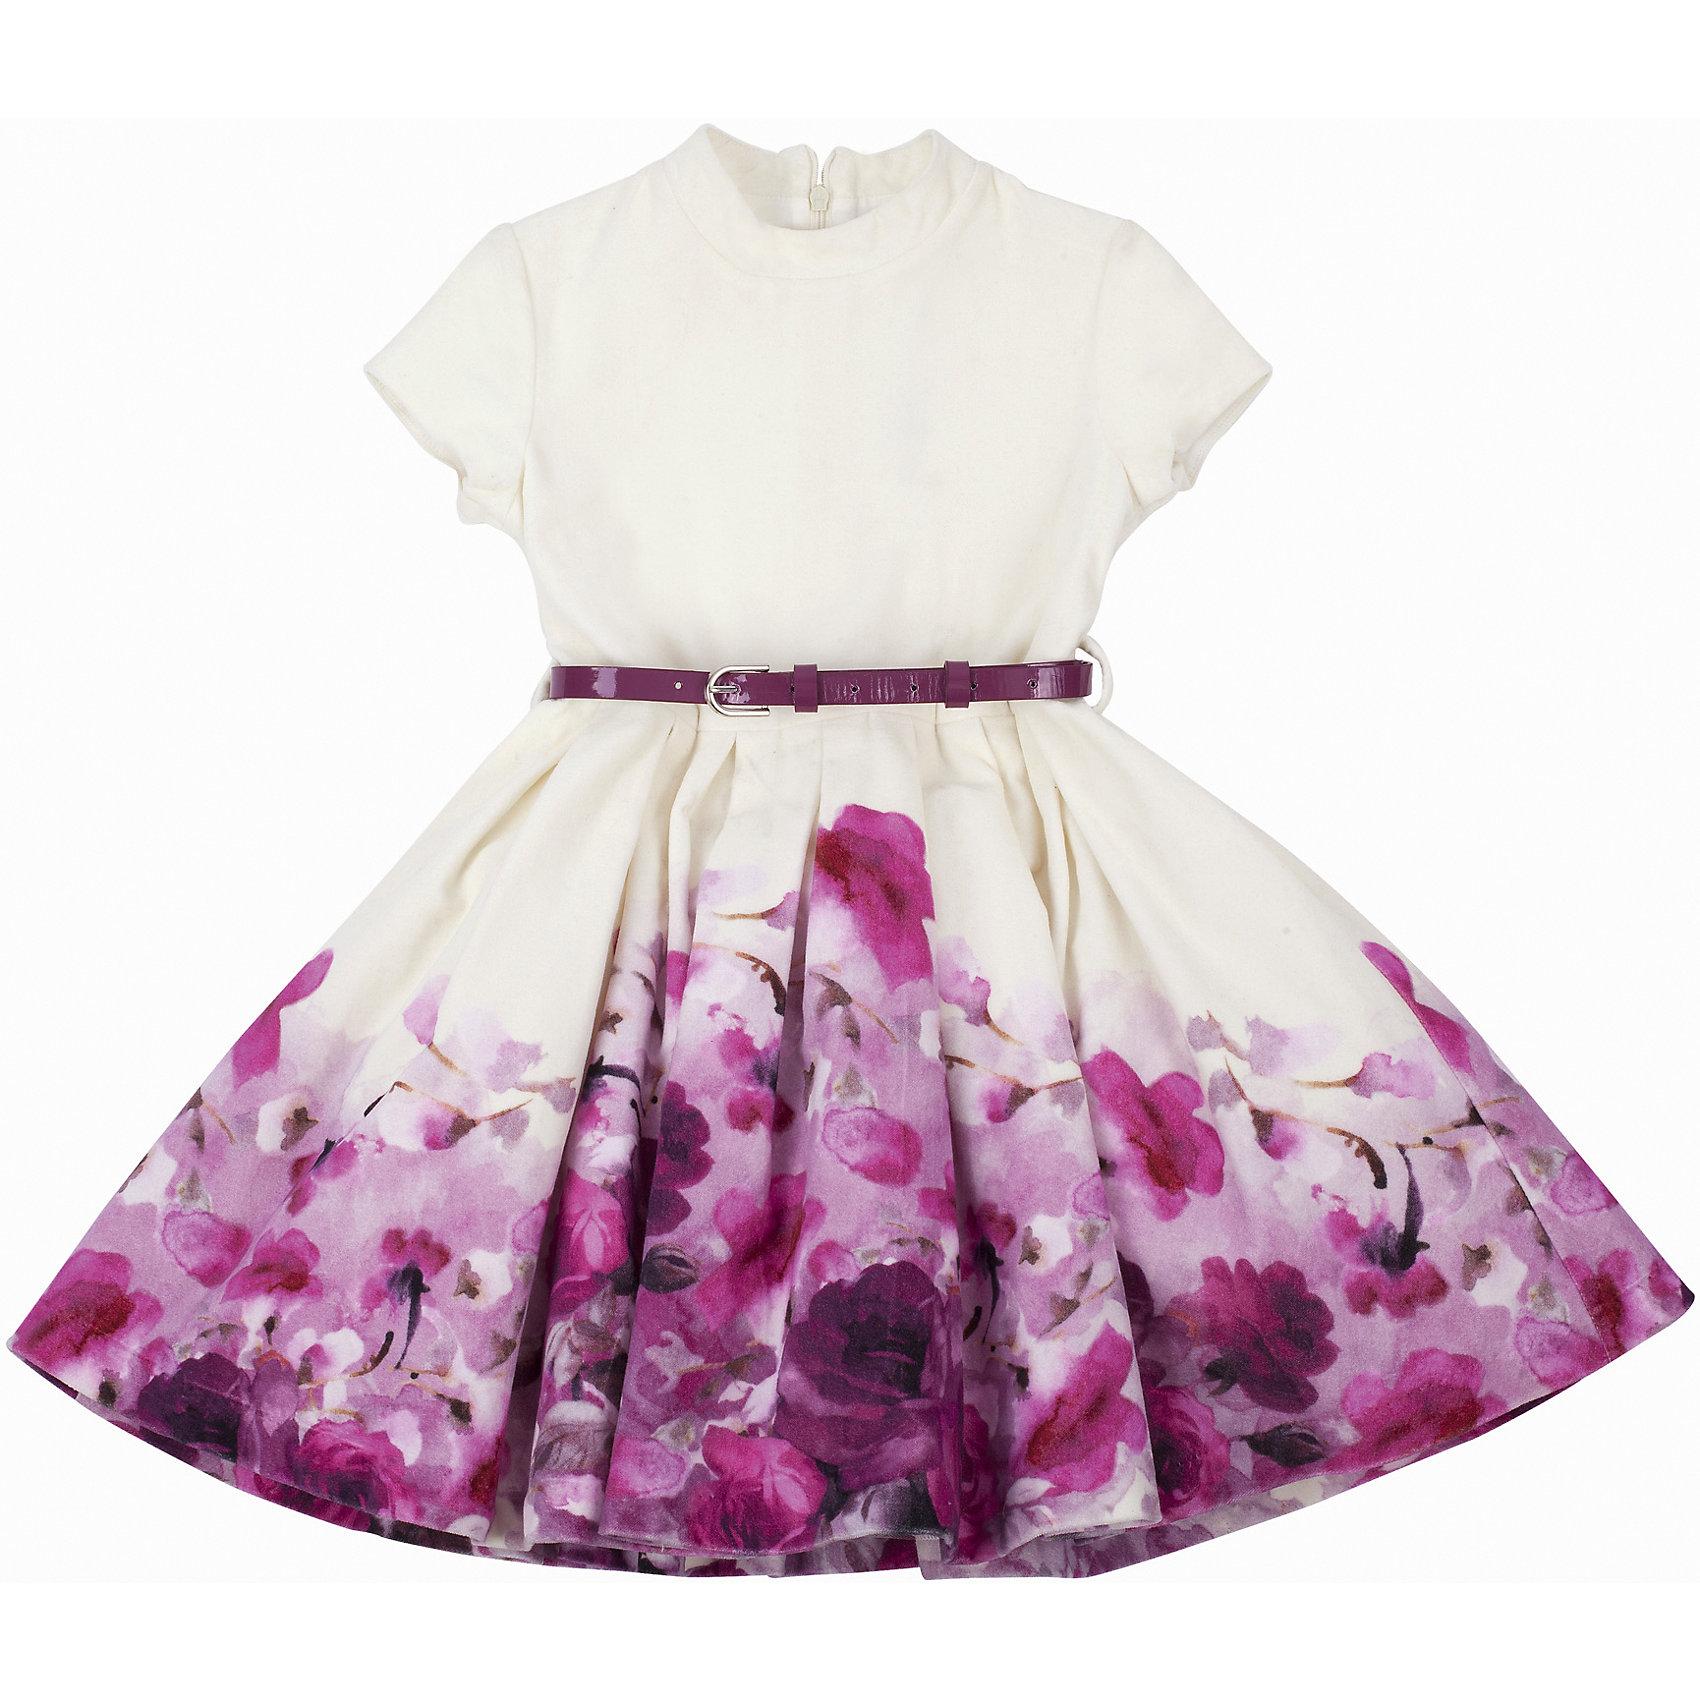 Нарядное платье для девочки GulliverПлатье для девочки от известного бренда Gulliver.<br>Ох уж, эти модницы… Их гардероб пестрит нарядами, но разве можно пройти мимо нового платья? Платья для девочек - предмет их особой гордости! Платья - символ женственности и красоты! Если вы хотите порадовать ребенка интересной обновой, вам нужно купить модное платье! Красивое платье из нежного велюра с коротким рукавом и элегантной стойкой построено на сочетании молочной глади и яркого цветочного рисунка. Расклешенная форма, красивый объем, полученный благодаря двухъярусному подъюбнику из сетки, делают платье очень элегантным и выразительным. Выполненное из 100% хлопка, платье подарит комфорт и отличное настроение. Тонкий лаковый поясок подчеркнет красоту и грациозность его обладательницы.<br>Состав:<br>верх: 100% хлопок; подкладка: 100% хлопок<br><br>Ширина мм: 236<br>Глубина мм: 16<br>Высота мм: 184<br>Вес г: 177<br>Цвет: белый<br>Возраст от месяцев: 36<br>Возраст до месяцев: 48<br>Пол: Женский<br>Возраст: Детский<br>Размер: 116,110,104,98<br>SKU: 5103469